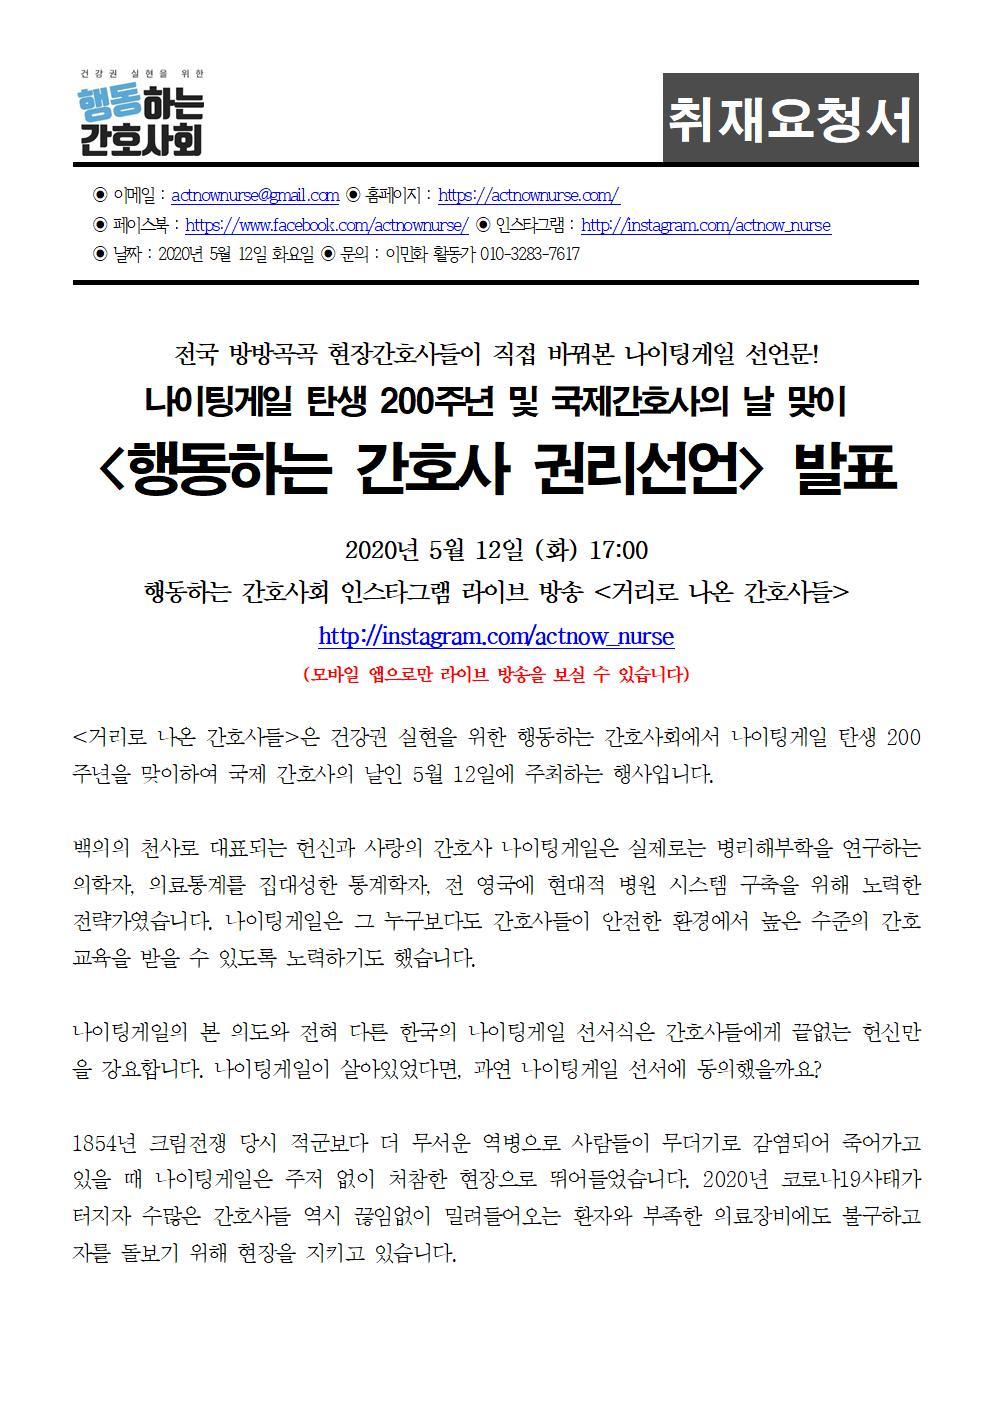 20512_[취재요청서]행동하는간호사권리선언001.jpg